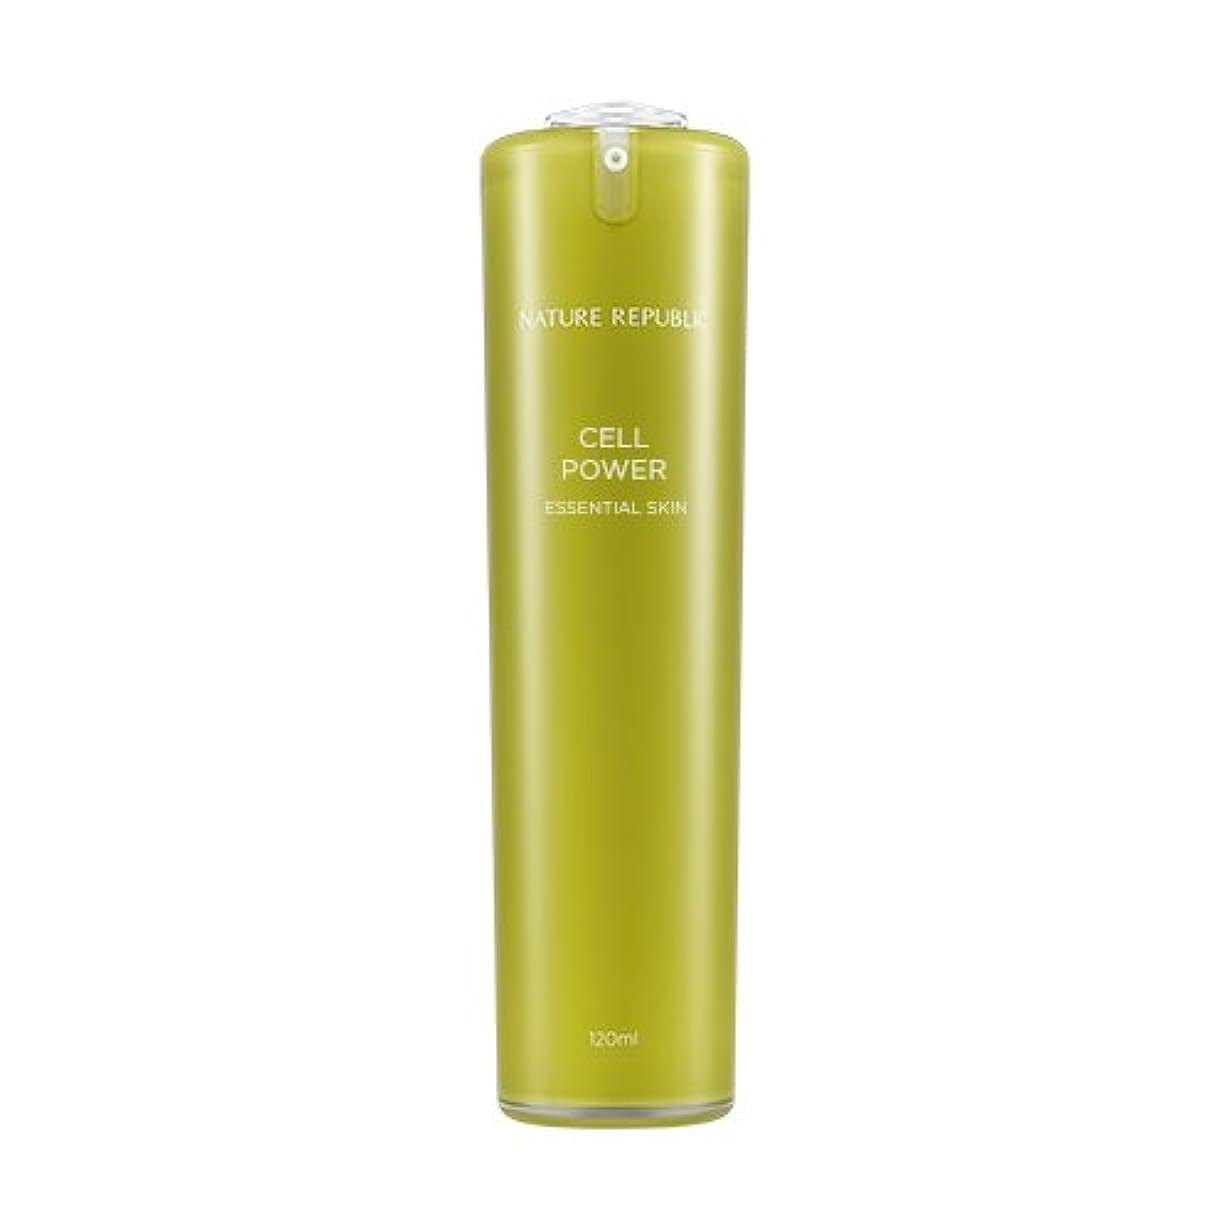 もしアーティスト立ち寄るNATURE REPUBLIC Cell Power Essential Skin / ネイチャーリパブリックセルパワーエッセンシャルスキン 120ml [並行輸入品]